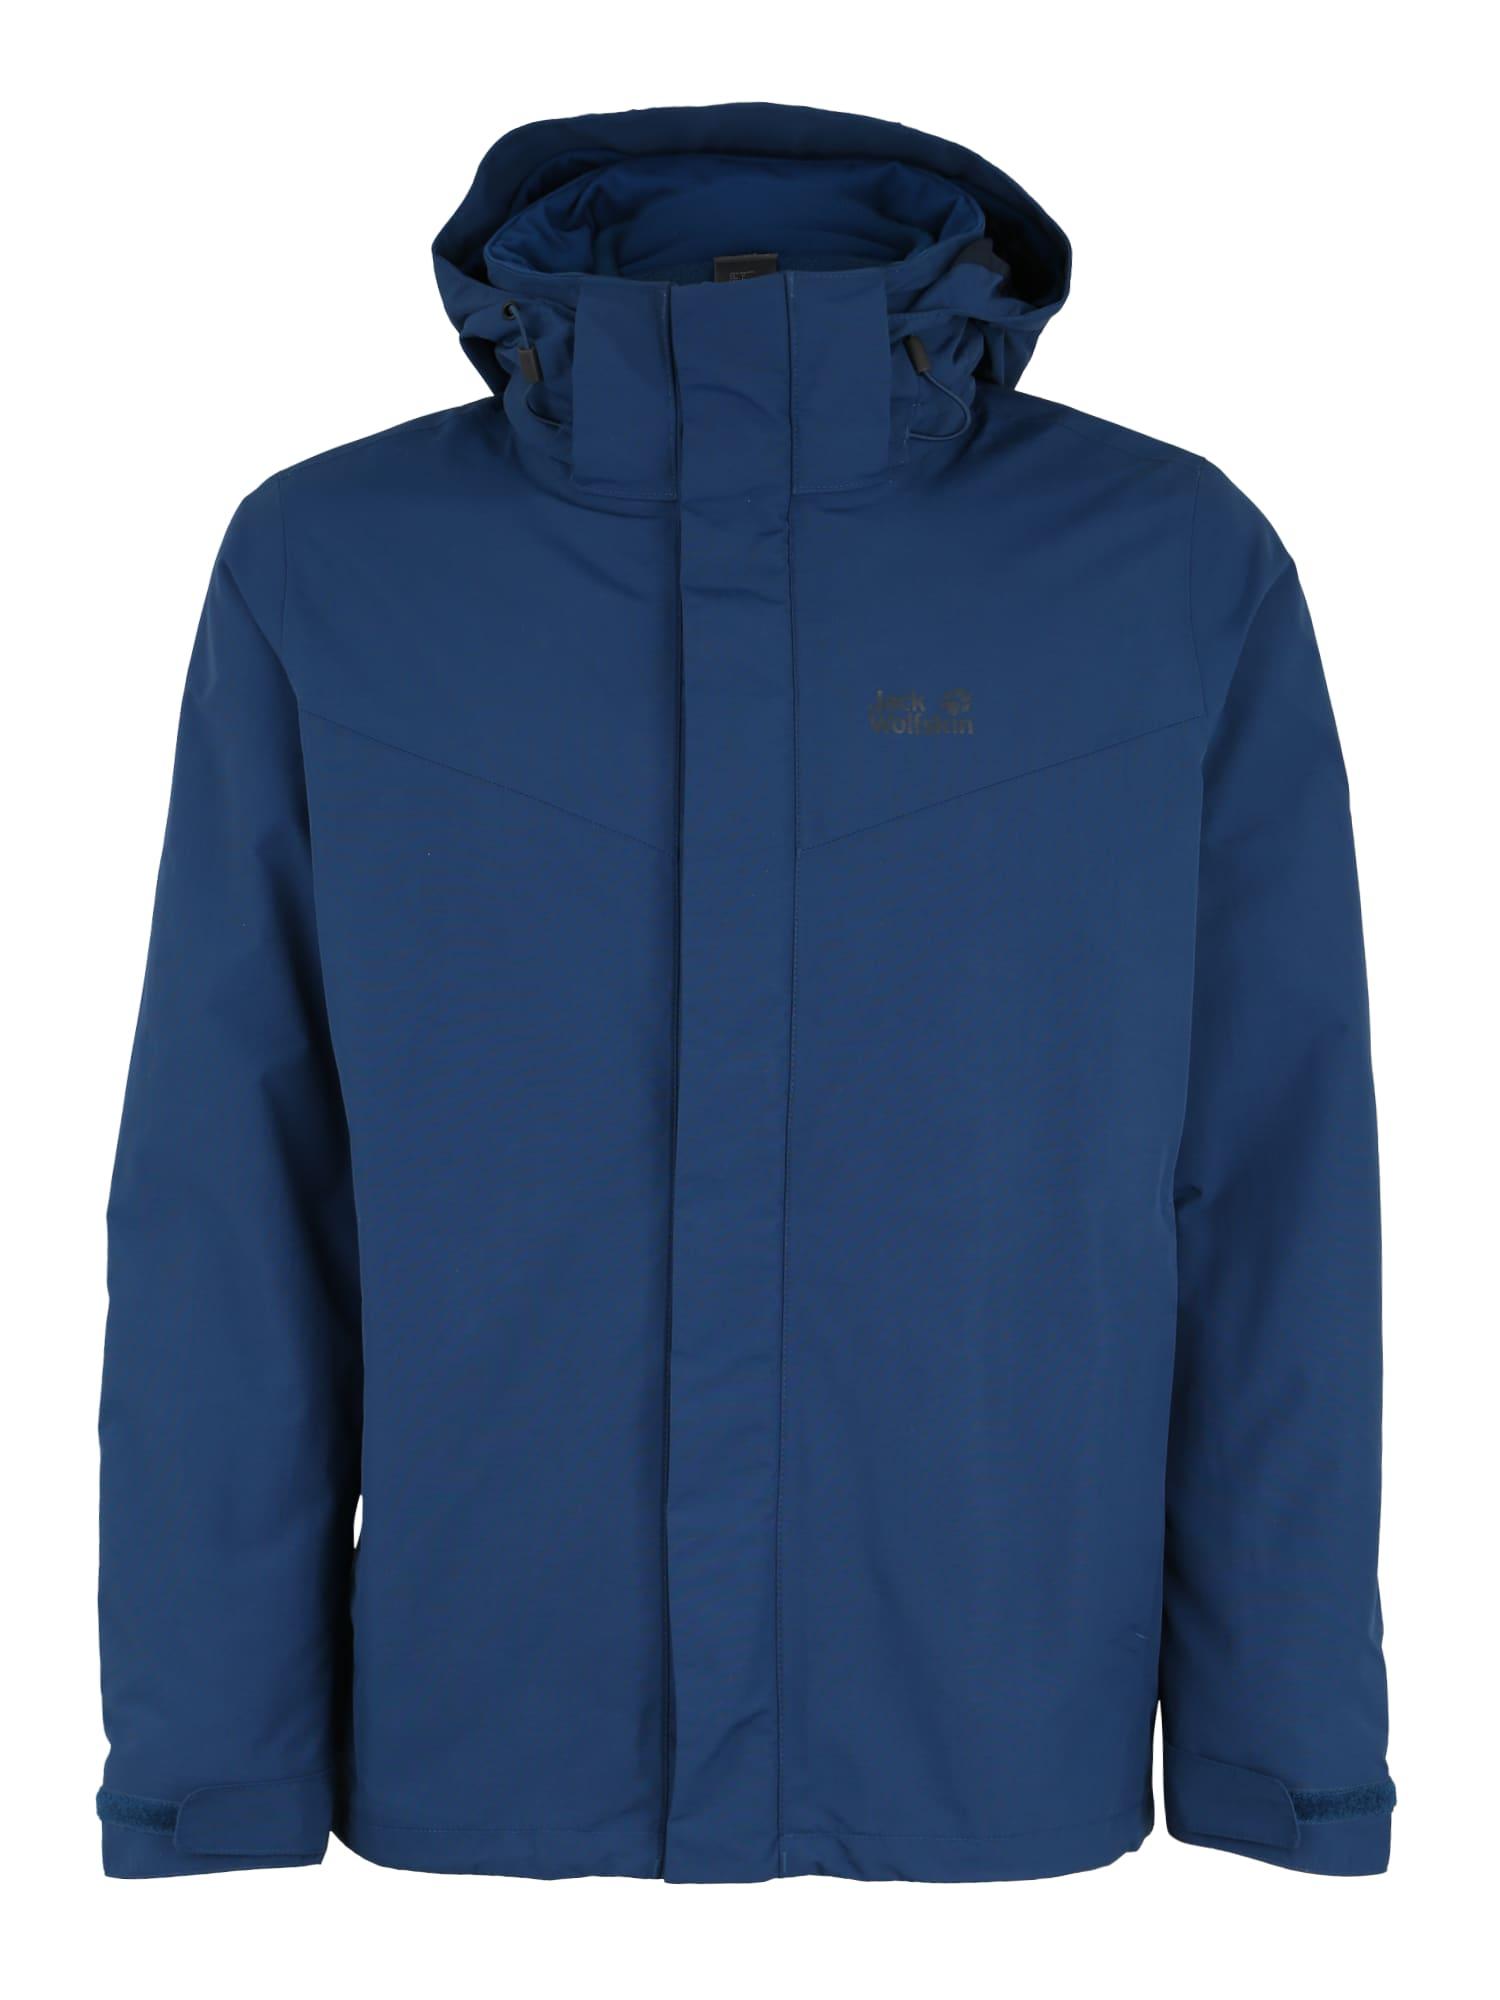 Outdoorová bunda GOTLAND modrá JACK WOLFSKIN